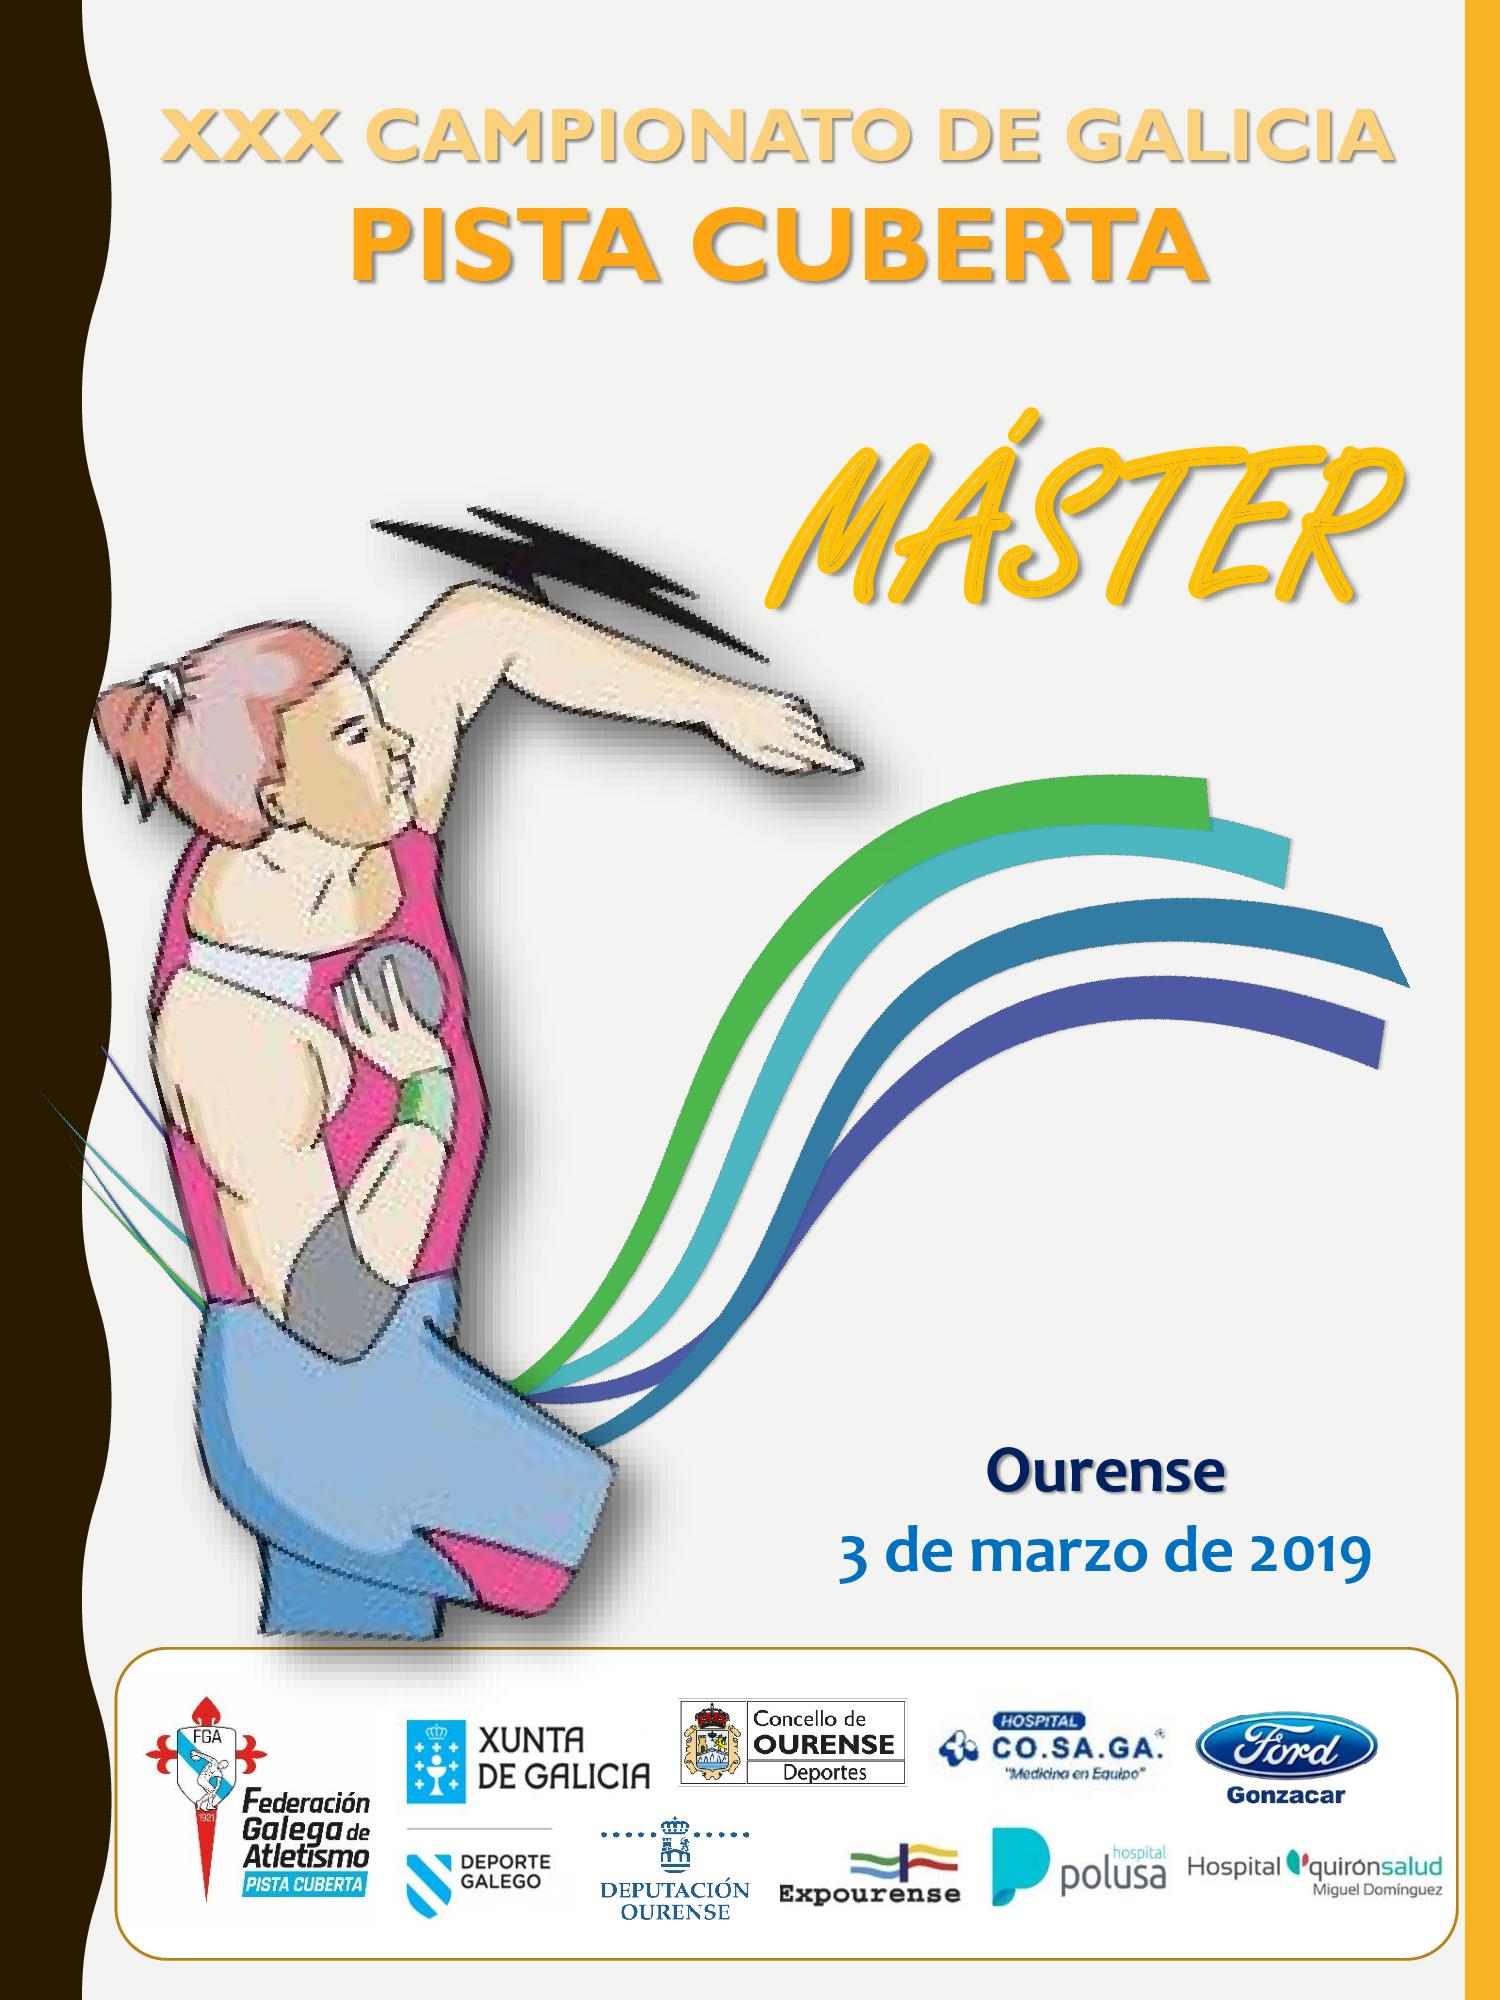 XXX Campionato de Galicia Máster en Pista Cuberta